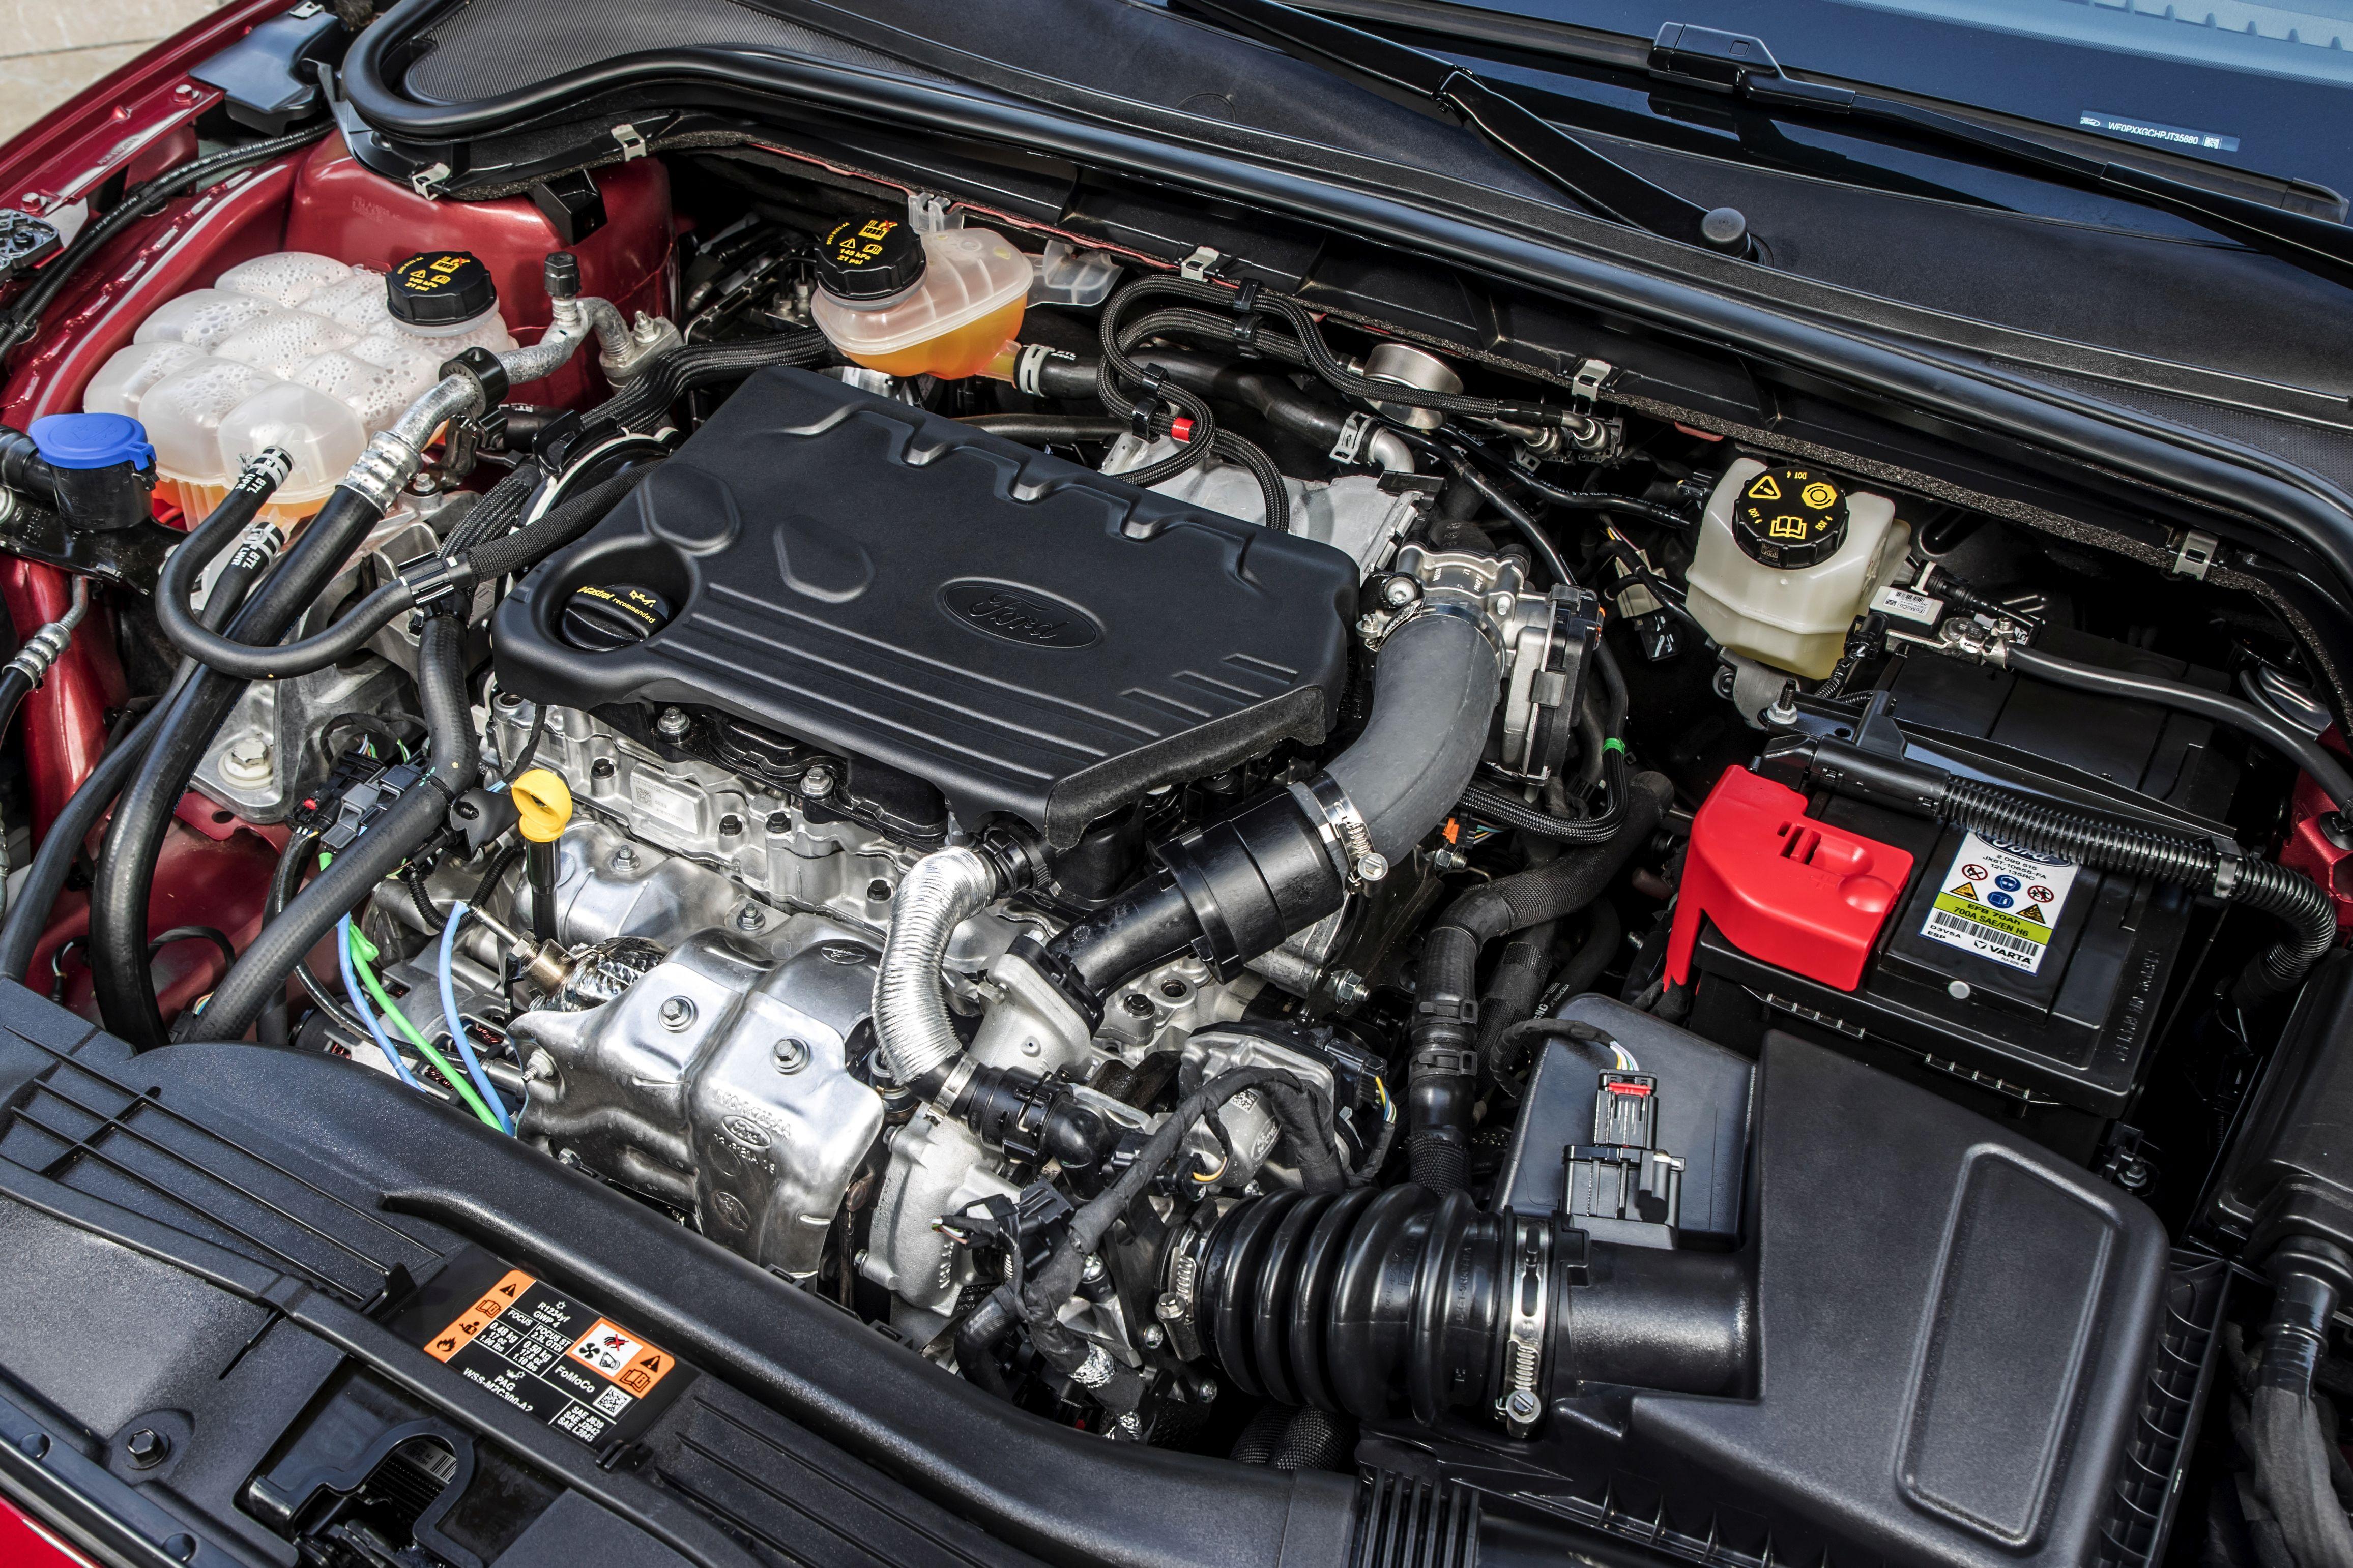 Fotoreportage: Neue Generation, neues Niveau - Der Focus von Ford ...